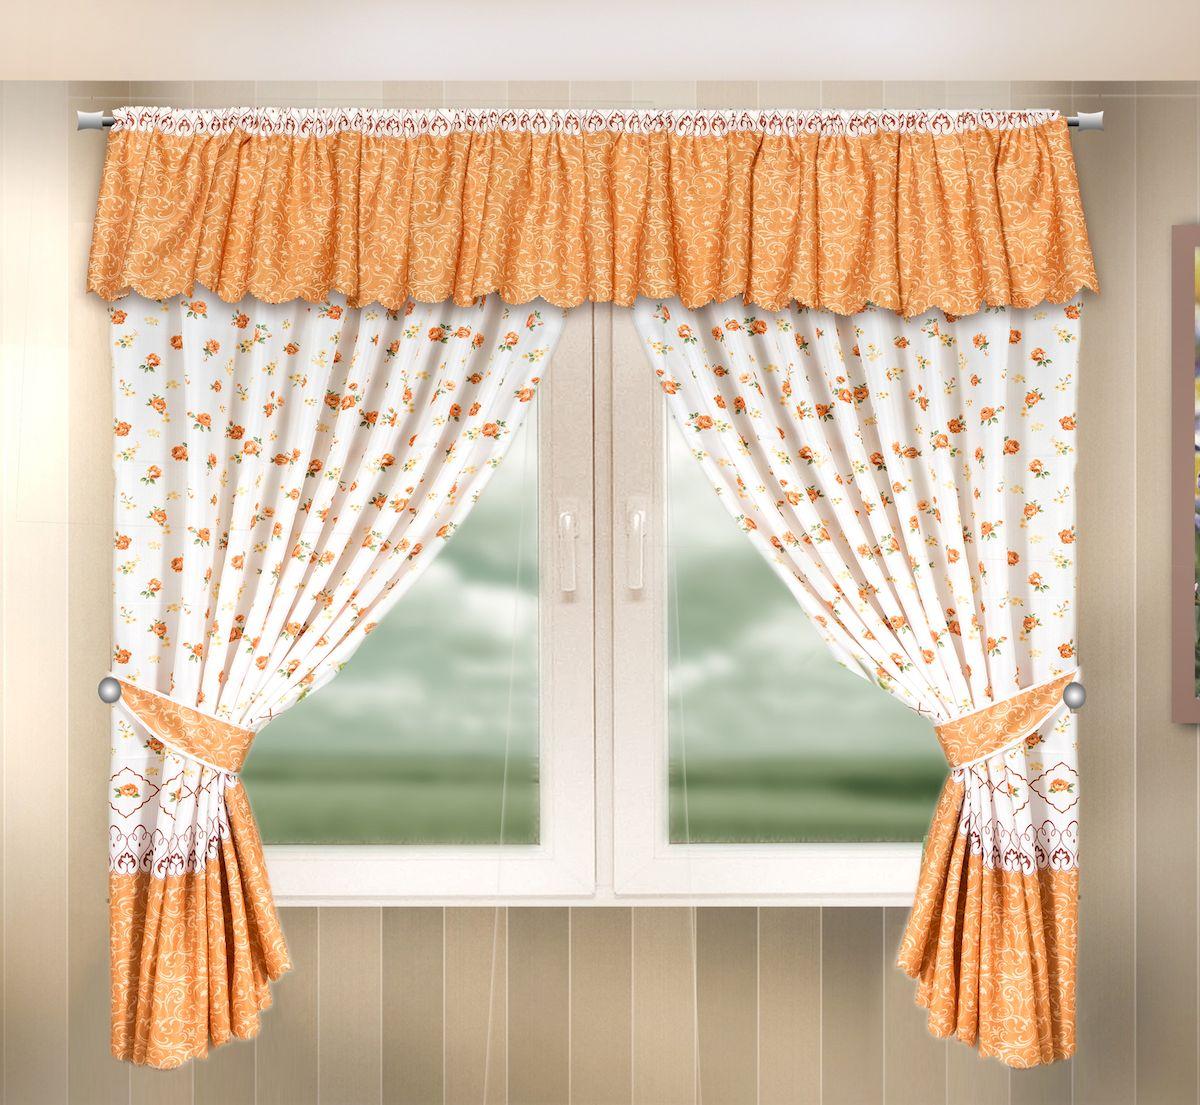 Комплект штор для кухни Zlata Korunka, на кулиске, цвет: оранжевый, высота 170 см. 333329333329Комплект штор для кухни Zlata Korunka, выполненный из полиэстера, великолепно украсит любое окно. Комплект состоит из ламбрекена, 2 штор и 2 подхватов. Цветочный рисунок и приятная цветовая гамма привлекут к себе внимание и органично впишутся в интерьер помещения. Этот комплект будет долгое время радовать вас и вашу семью!Комплект крепится на карниз при помощи кулиски.В комплект входит: Ламбрекен: 1 шт. Размер (Ш х В): 290 х 35 см.Штора: 2 шт. Размер (Ш х В): 140 х 170 см.Подхват: 2 шт.